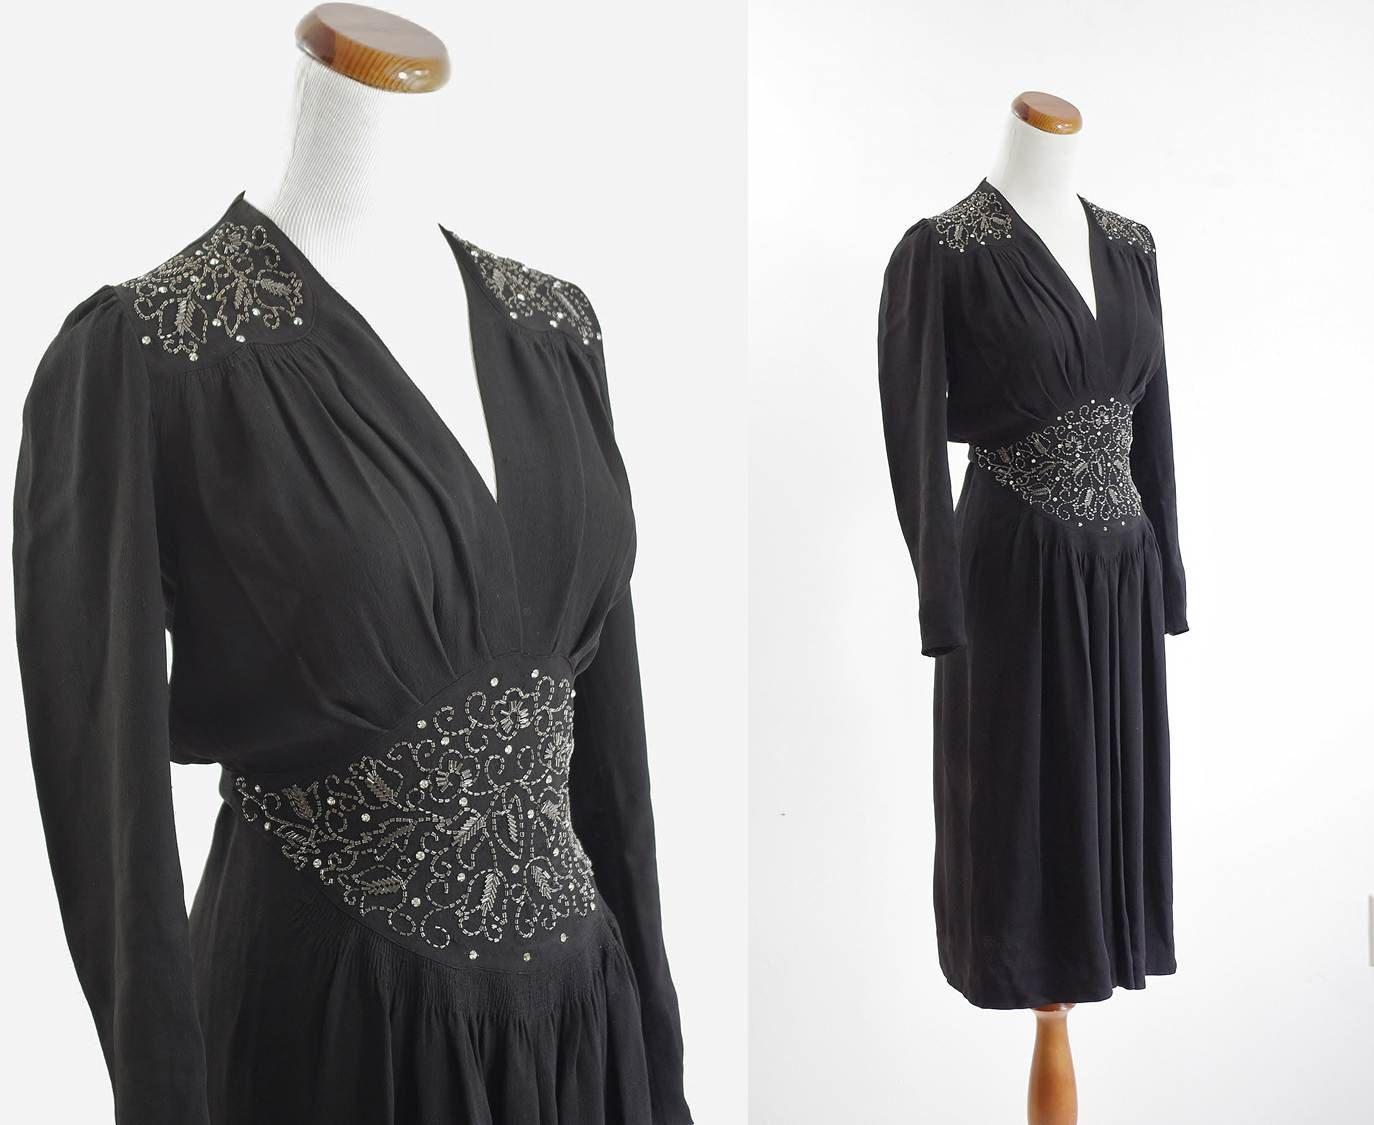 40s Dress Black Beaded Dress 1940s Evening Dress Xs Etsy Black Beaded Dress 1940s Evening Dresses Evening Dress Fashion [ 1125 x 1374 Pixel ]